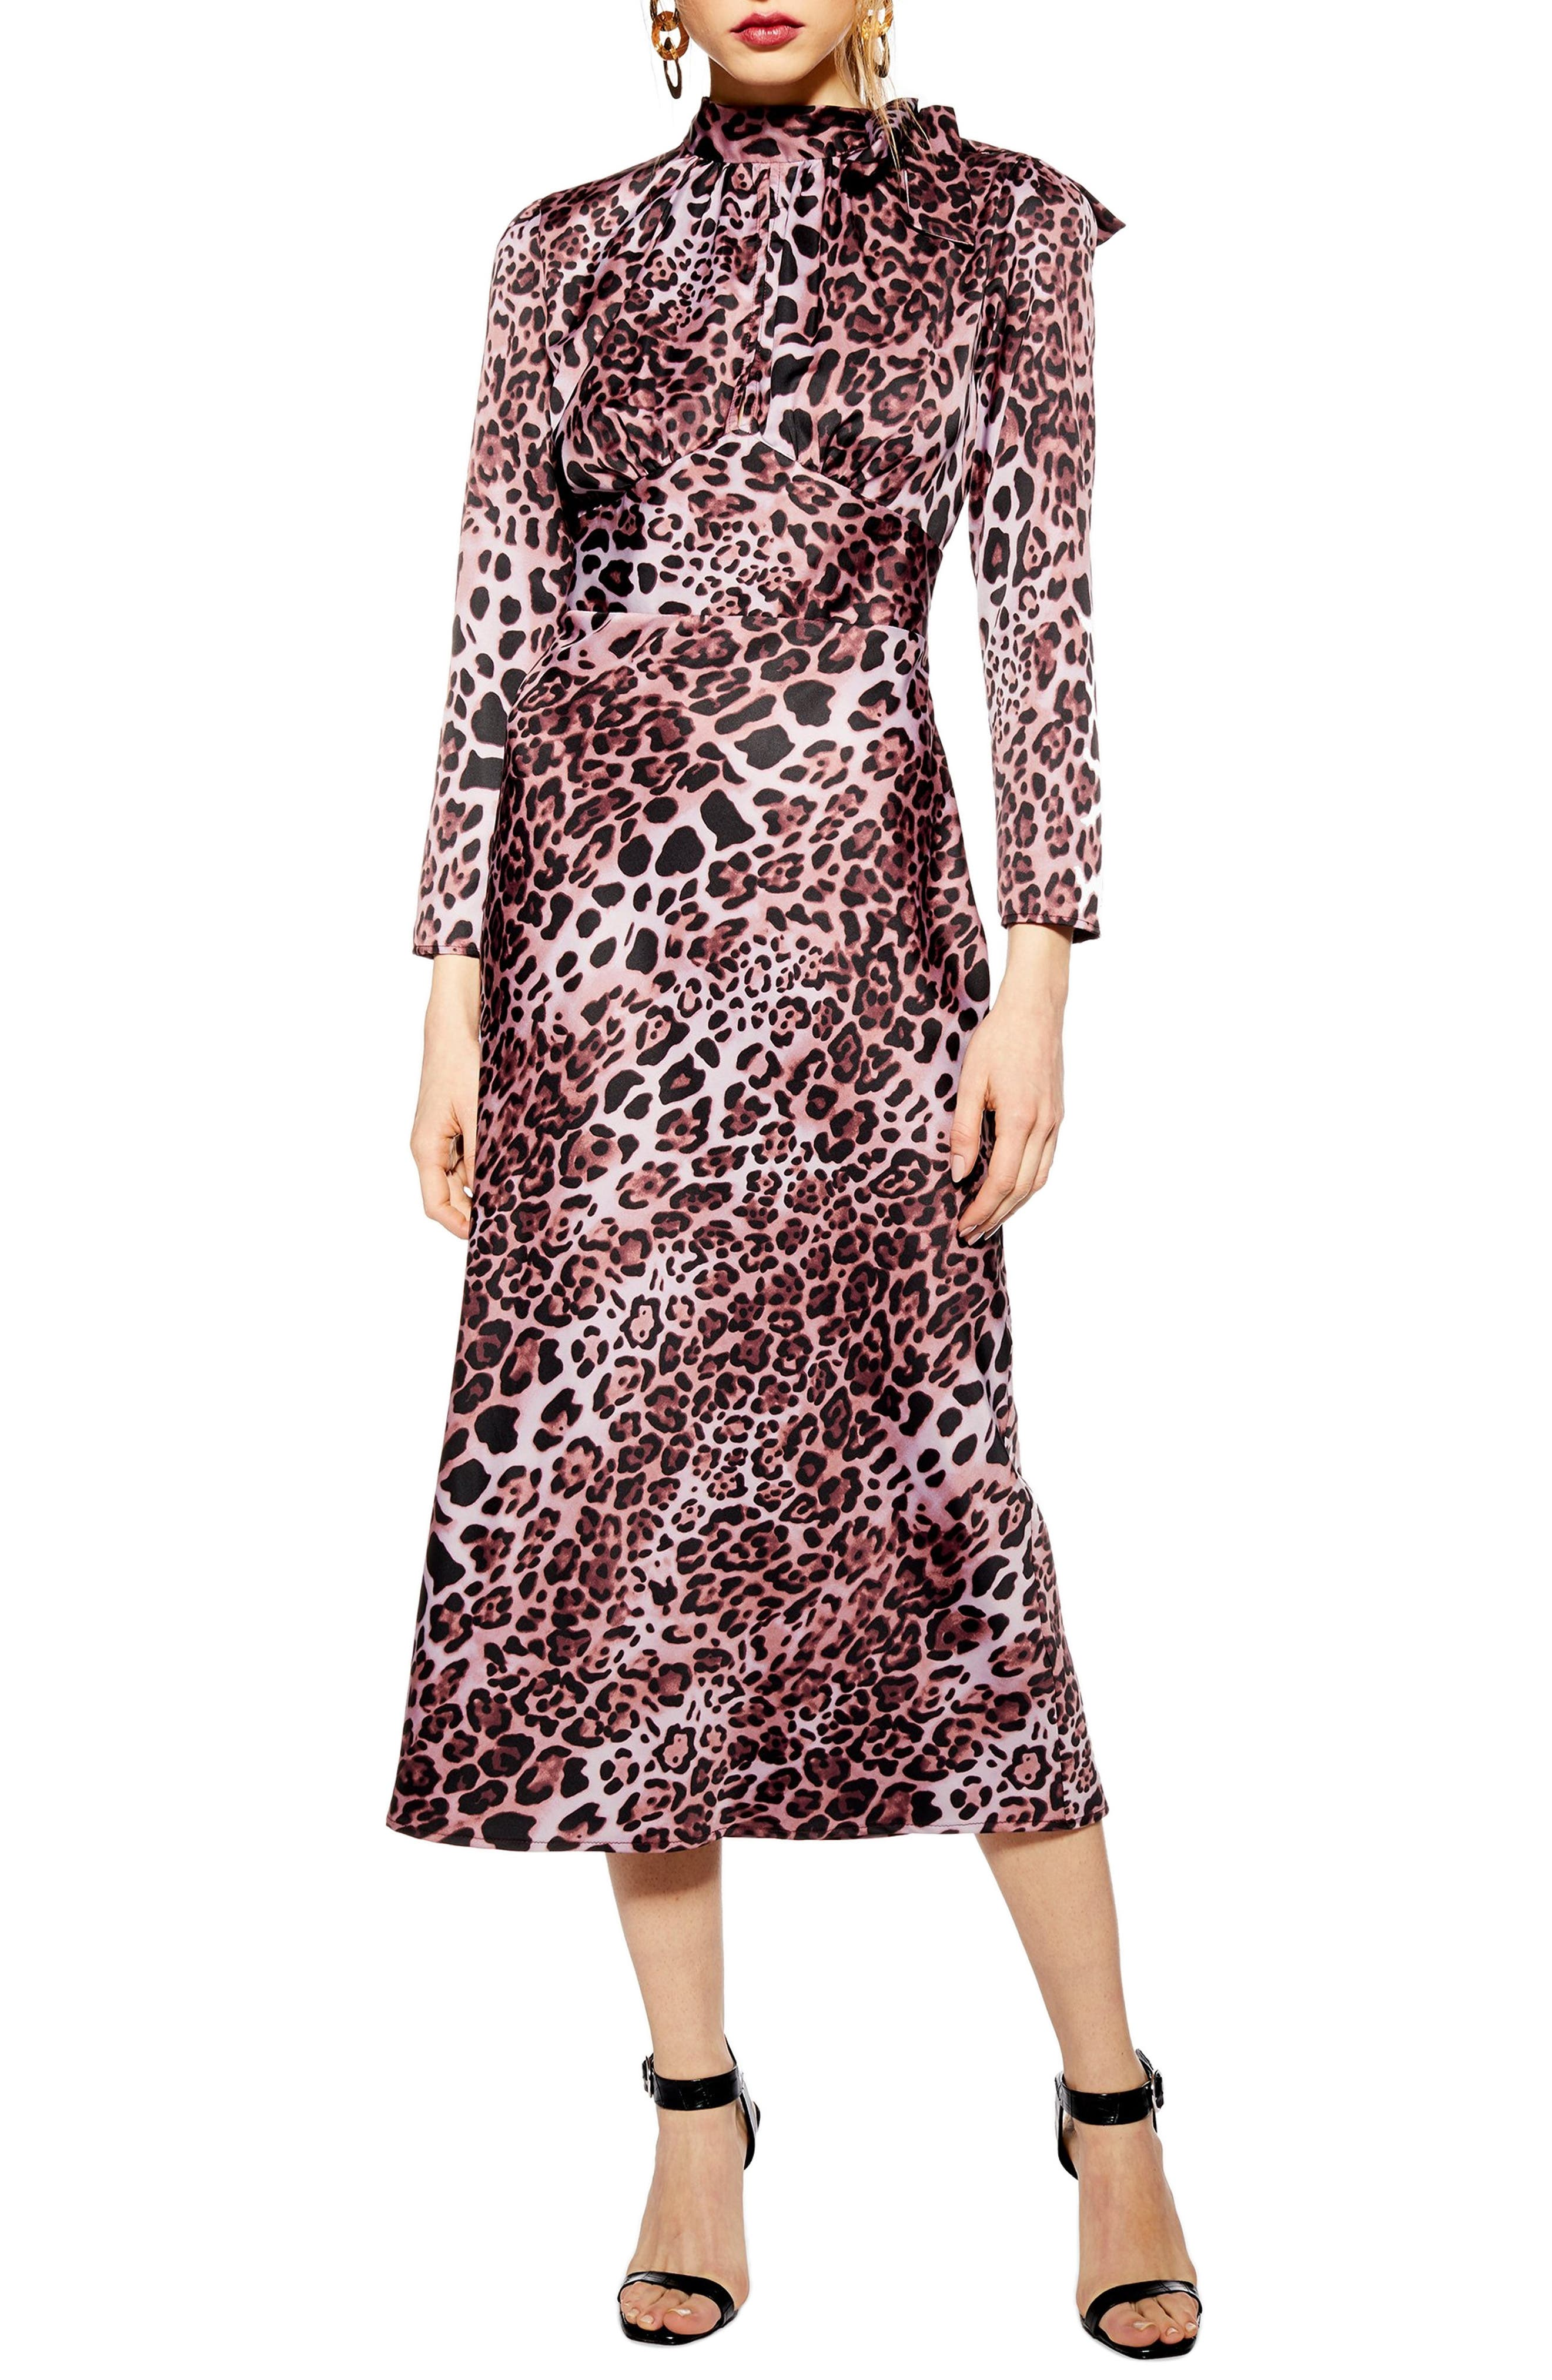 Topshop Leopard Bias Tie Neck Midi Dress, US (fits like 0) - Pink